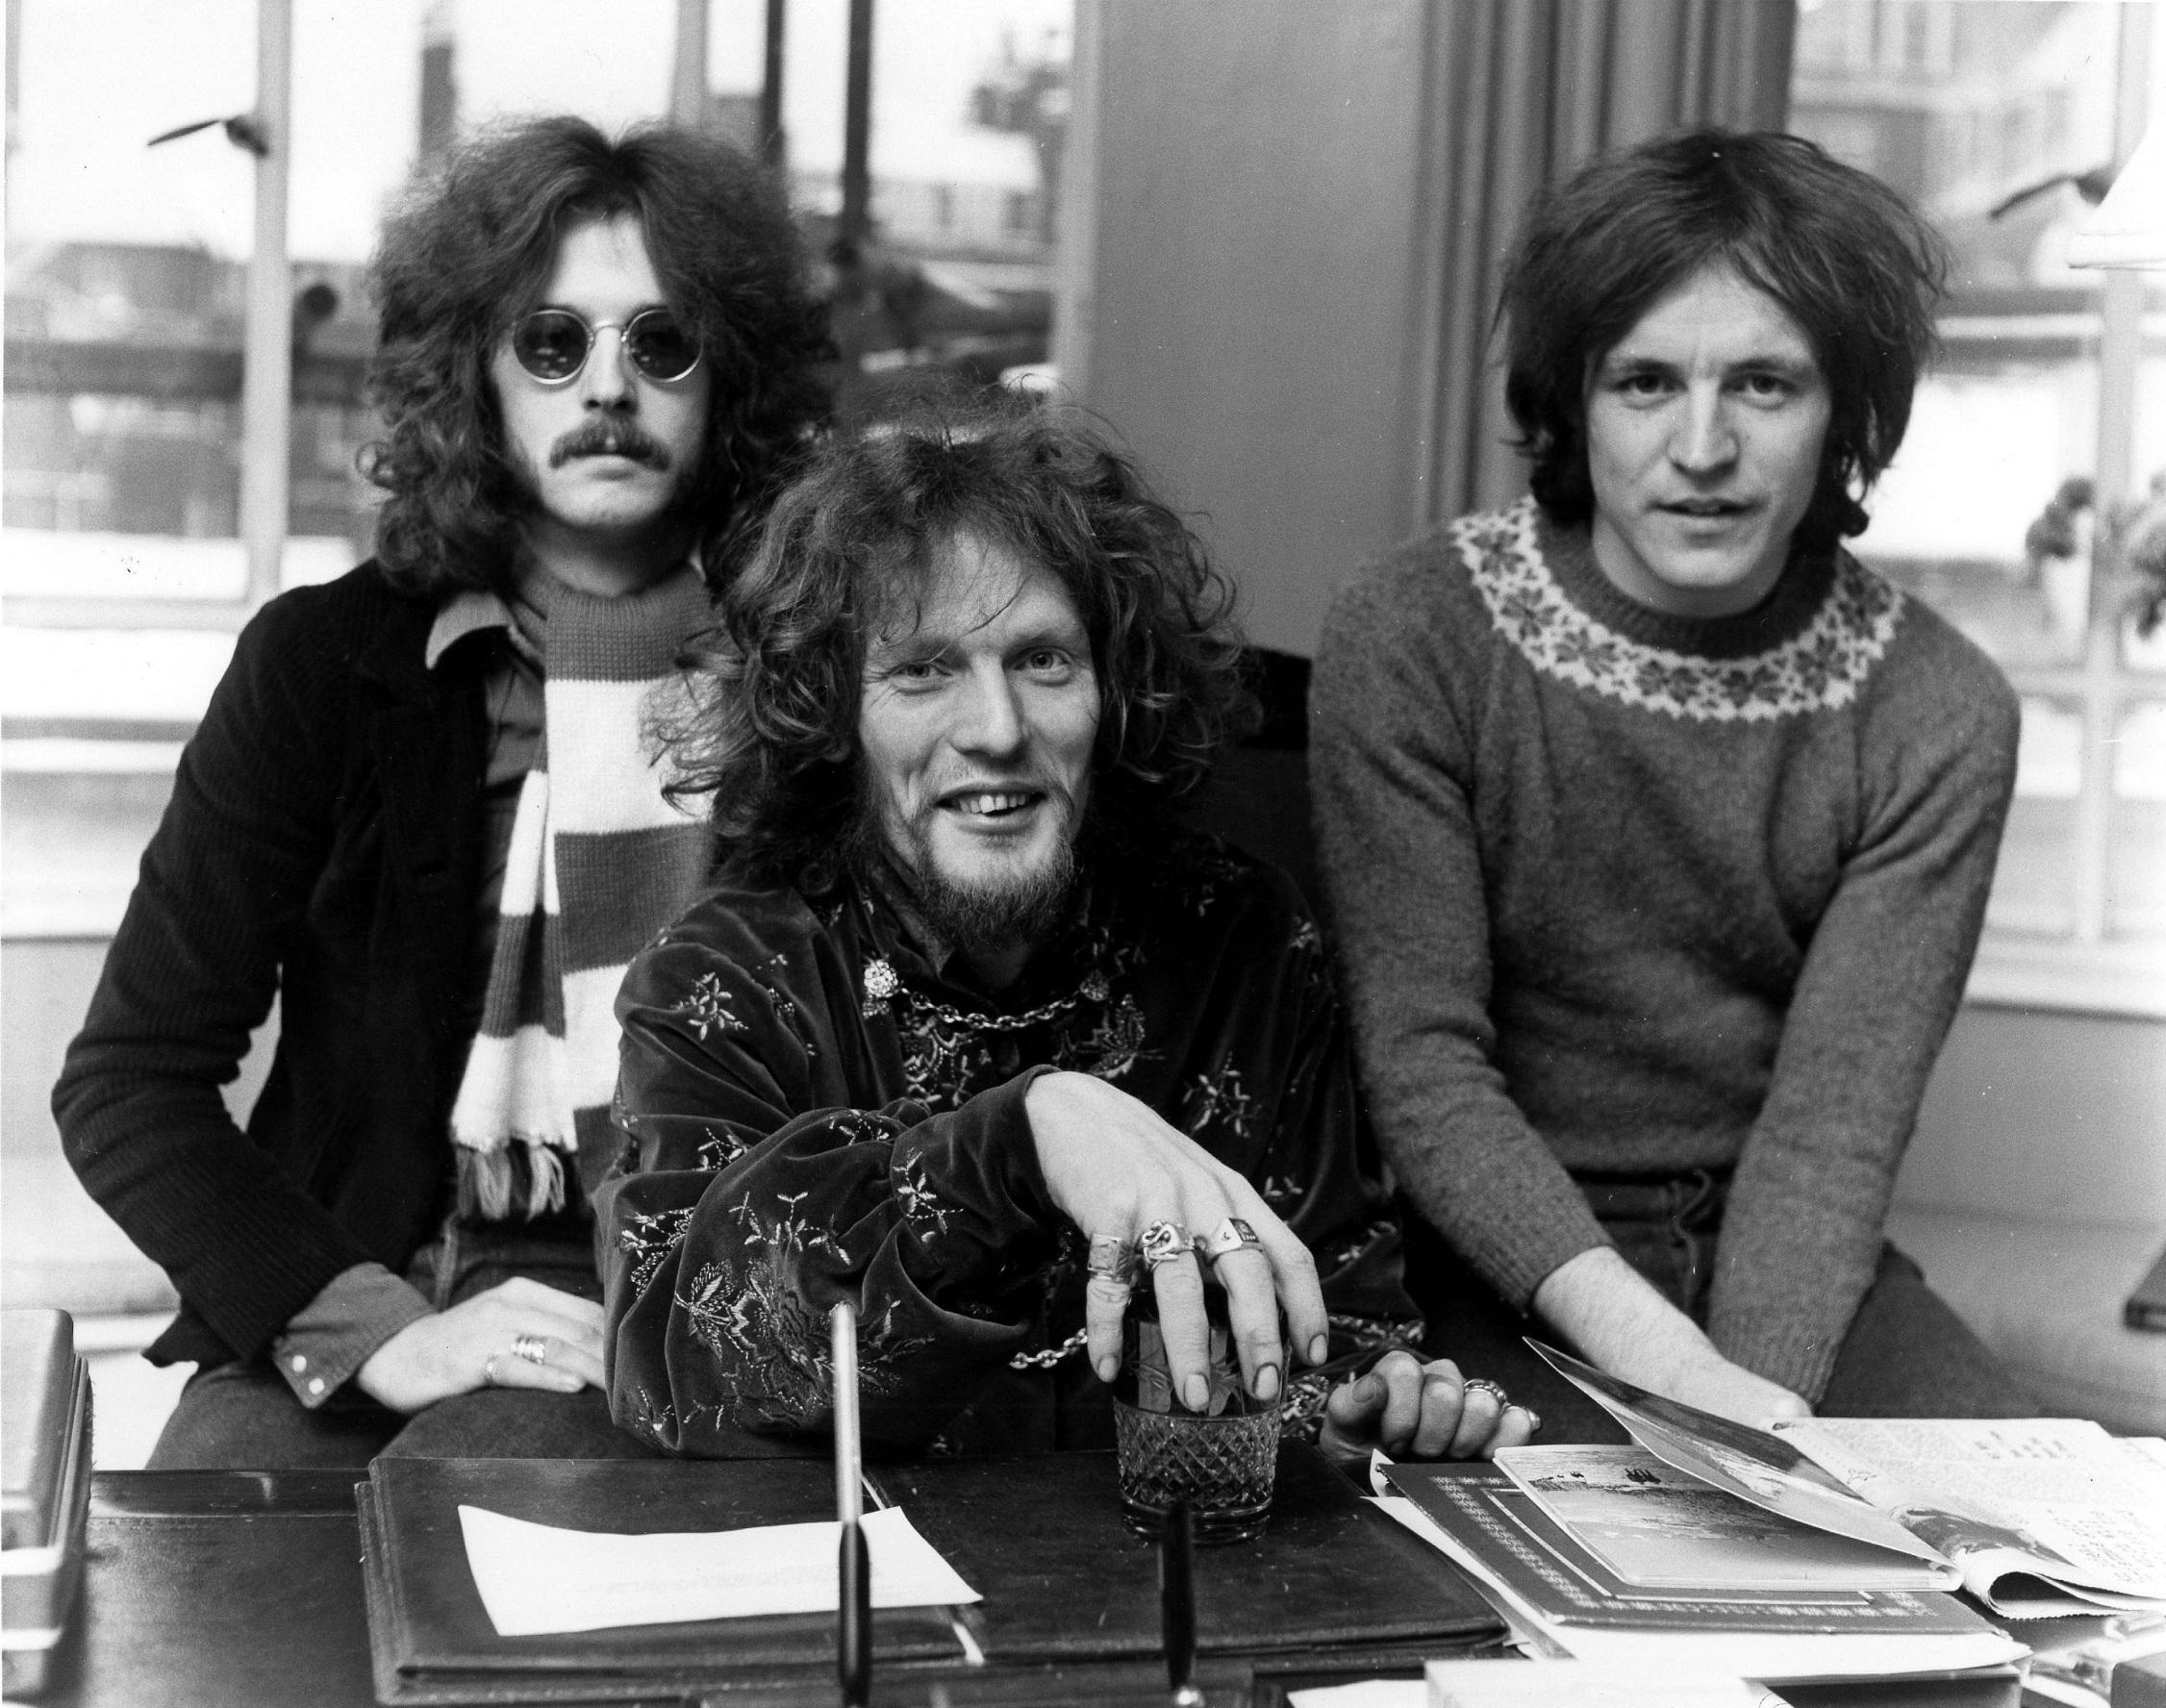 S lijeva na desno: Jack Bruce, Ginger Baker, Eric Clapton